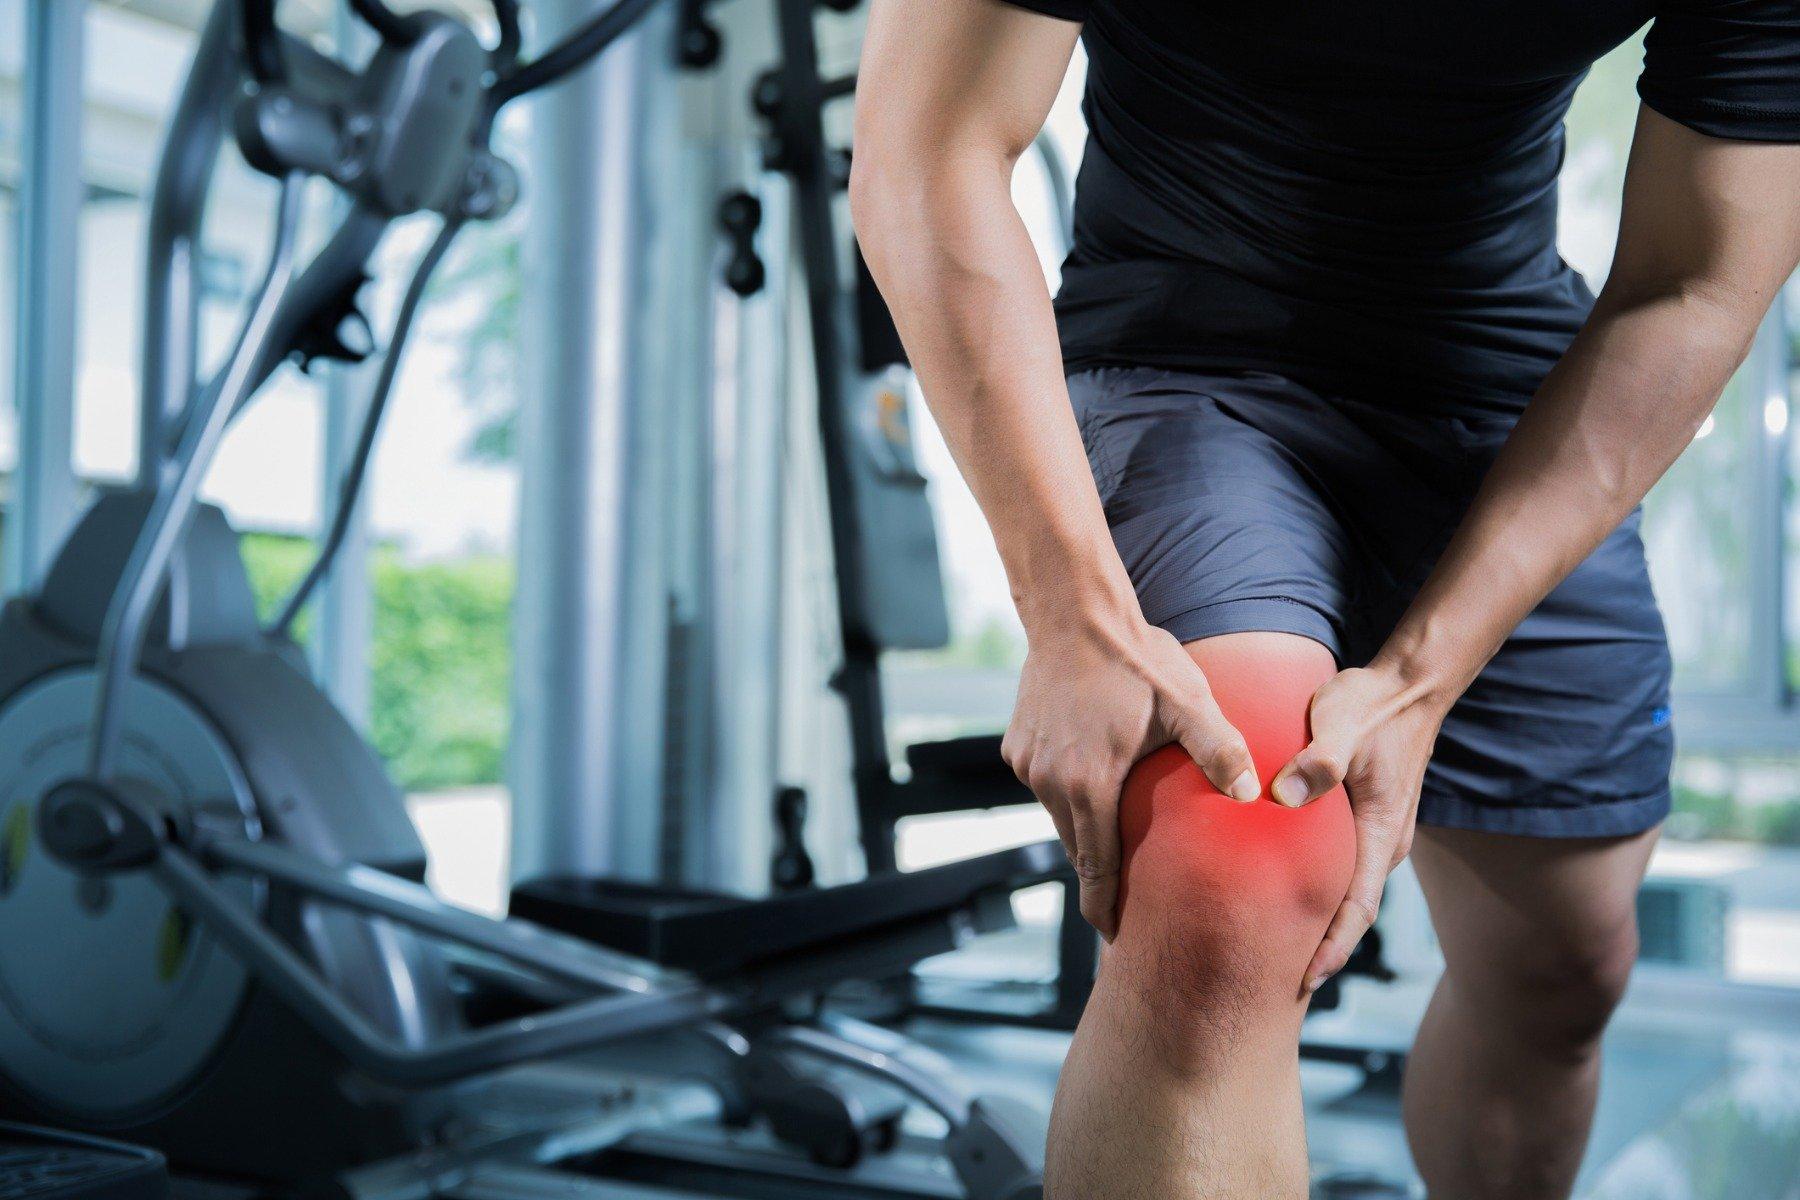 Hogyan lehet helyreállítani és fejleszteni egy meniszkuszt a műtét után? - Arthritis